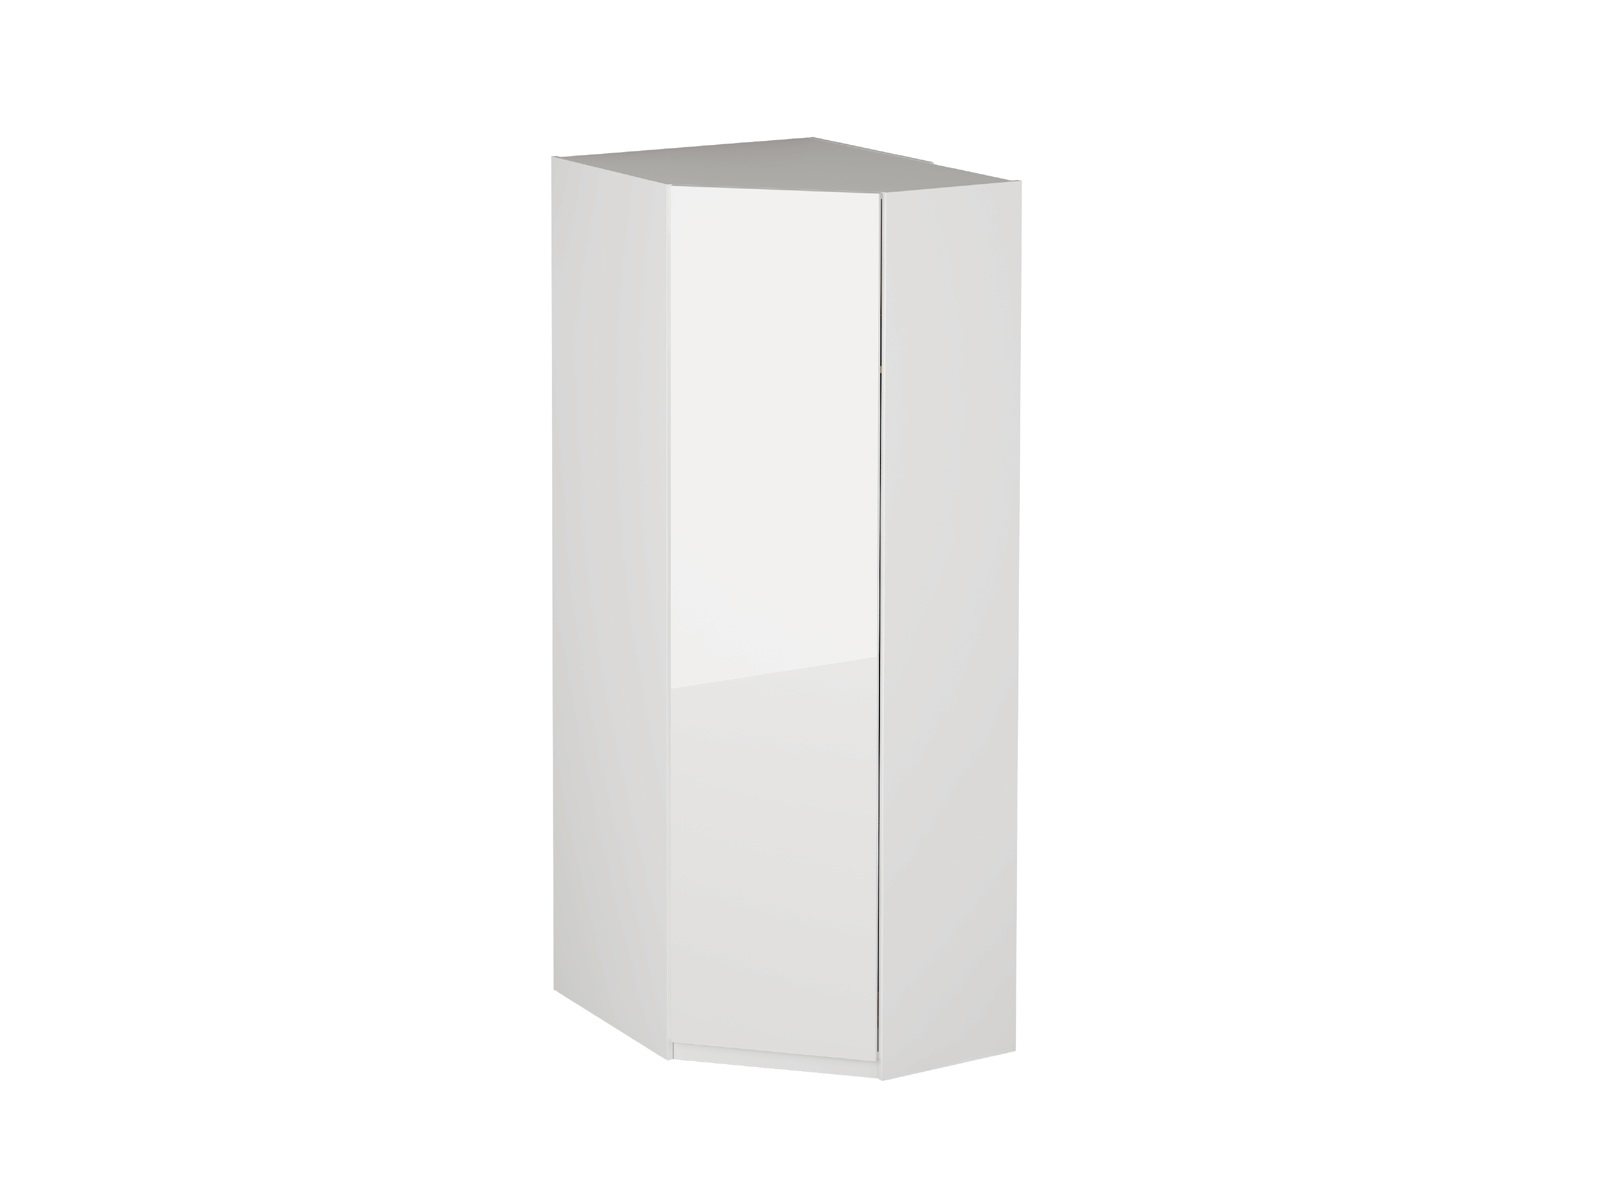 Шкаф IntraПлатяные шкафы<br>&amp;lt;div&amp;gt;Особенностью коллекции для спальни Intra являются фасады, естественная белизна которых стала возможна благодаря использованию осветленного прозрачного стекла европейского производства.&amp;amp;nbsp;&amp;lt;/div&amp;gt;&amp;lt;div&amp;gt;&amp;lt;br&amp;gt;&amp;lt;/div&amp;gt;&amp;lt;div&amp;gt;Материалы:&amp;lt;/div&amp;gt;&amp;lt;div&amp;gt;Каркас: ЛДСП толщиной 16мм.&amp;lt;/div&amp;gt;&amp;lt;div&amp;gt;Фасад: ЛДСП толщиной 16мм. С наклеенным стеклом&amp;lt;/div&amp;gt;&amp;lt;div&amp;gt;Задняя стенка – ДВПО 3,2 мм.&amp;lt;/div&amp;gt;<br><br>Material: ДСП<br>Ширина см: 93.0<br>Высота см: 210.0<br>Глубина см: 75.0